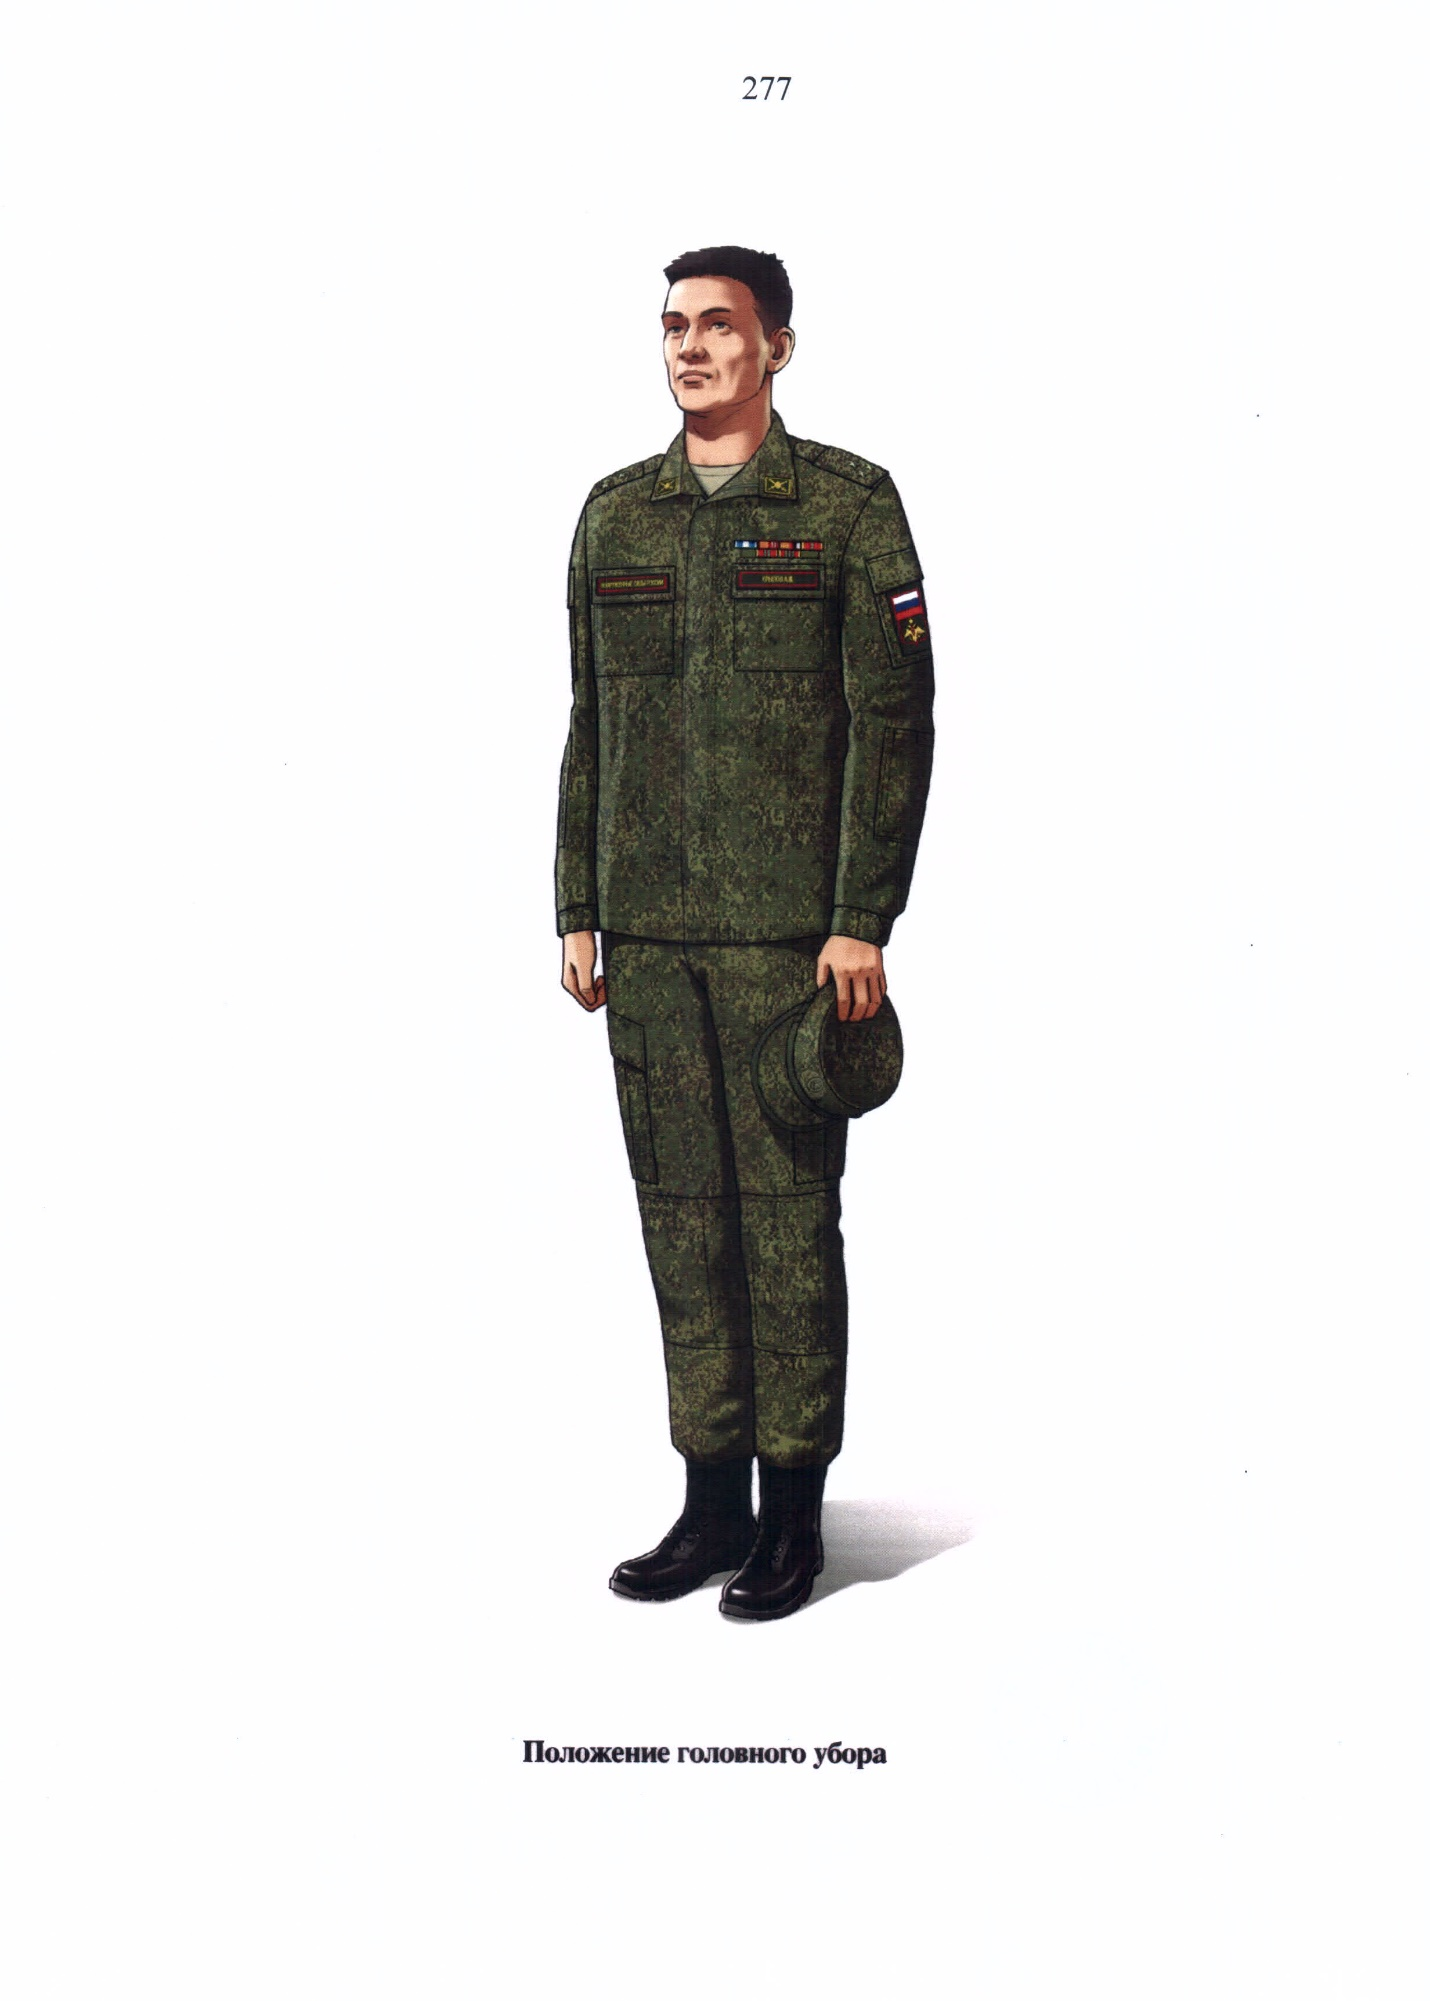 C:\Users\User\Desktop\Приказ МО РФ от 22.06.2015 г. № 300 Правила ношения военной формы одежды\184249.JPG